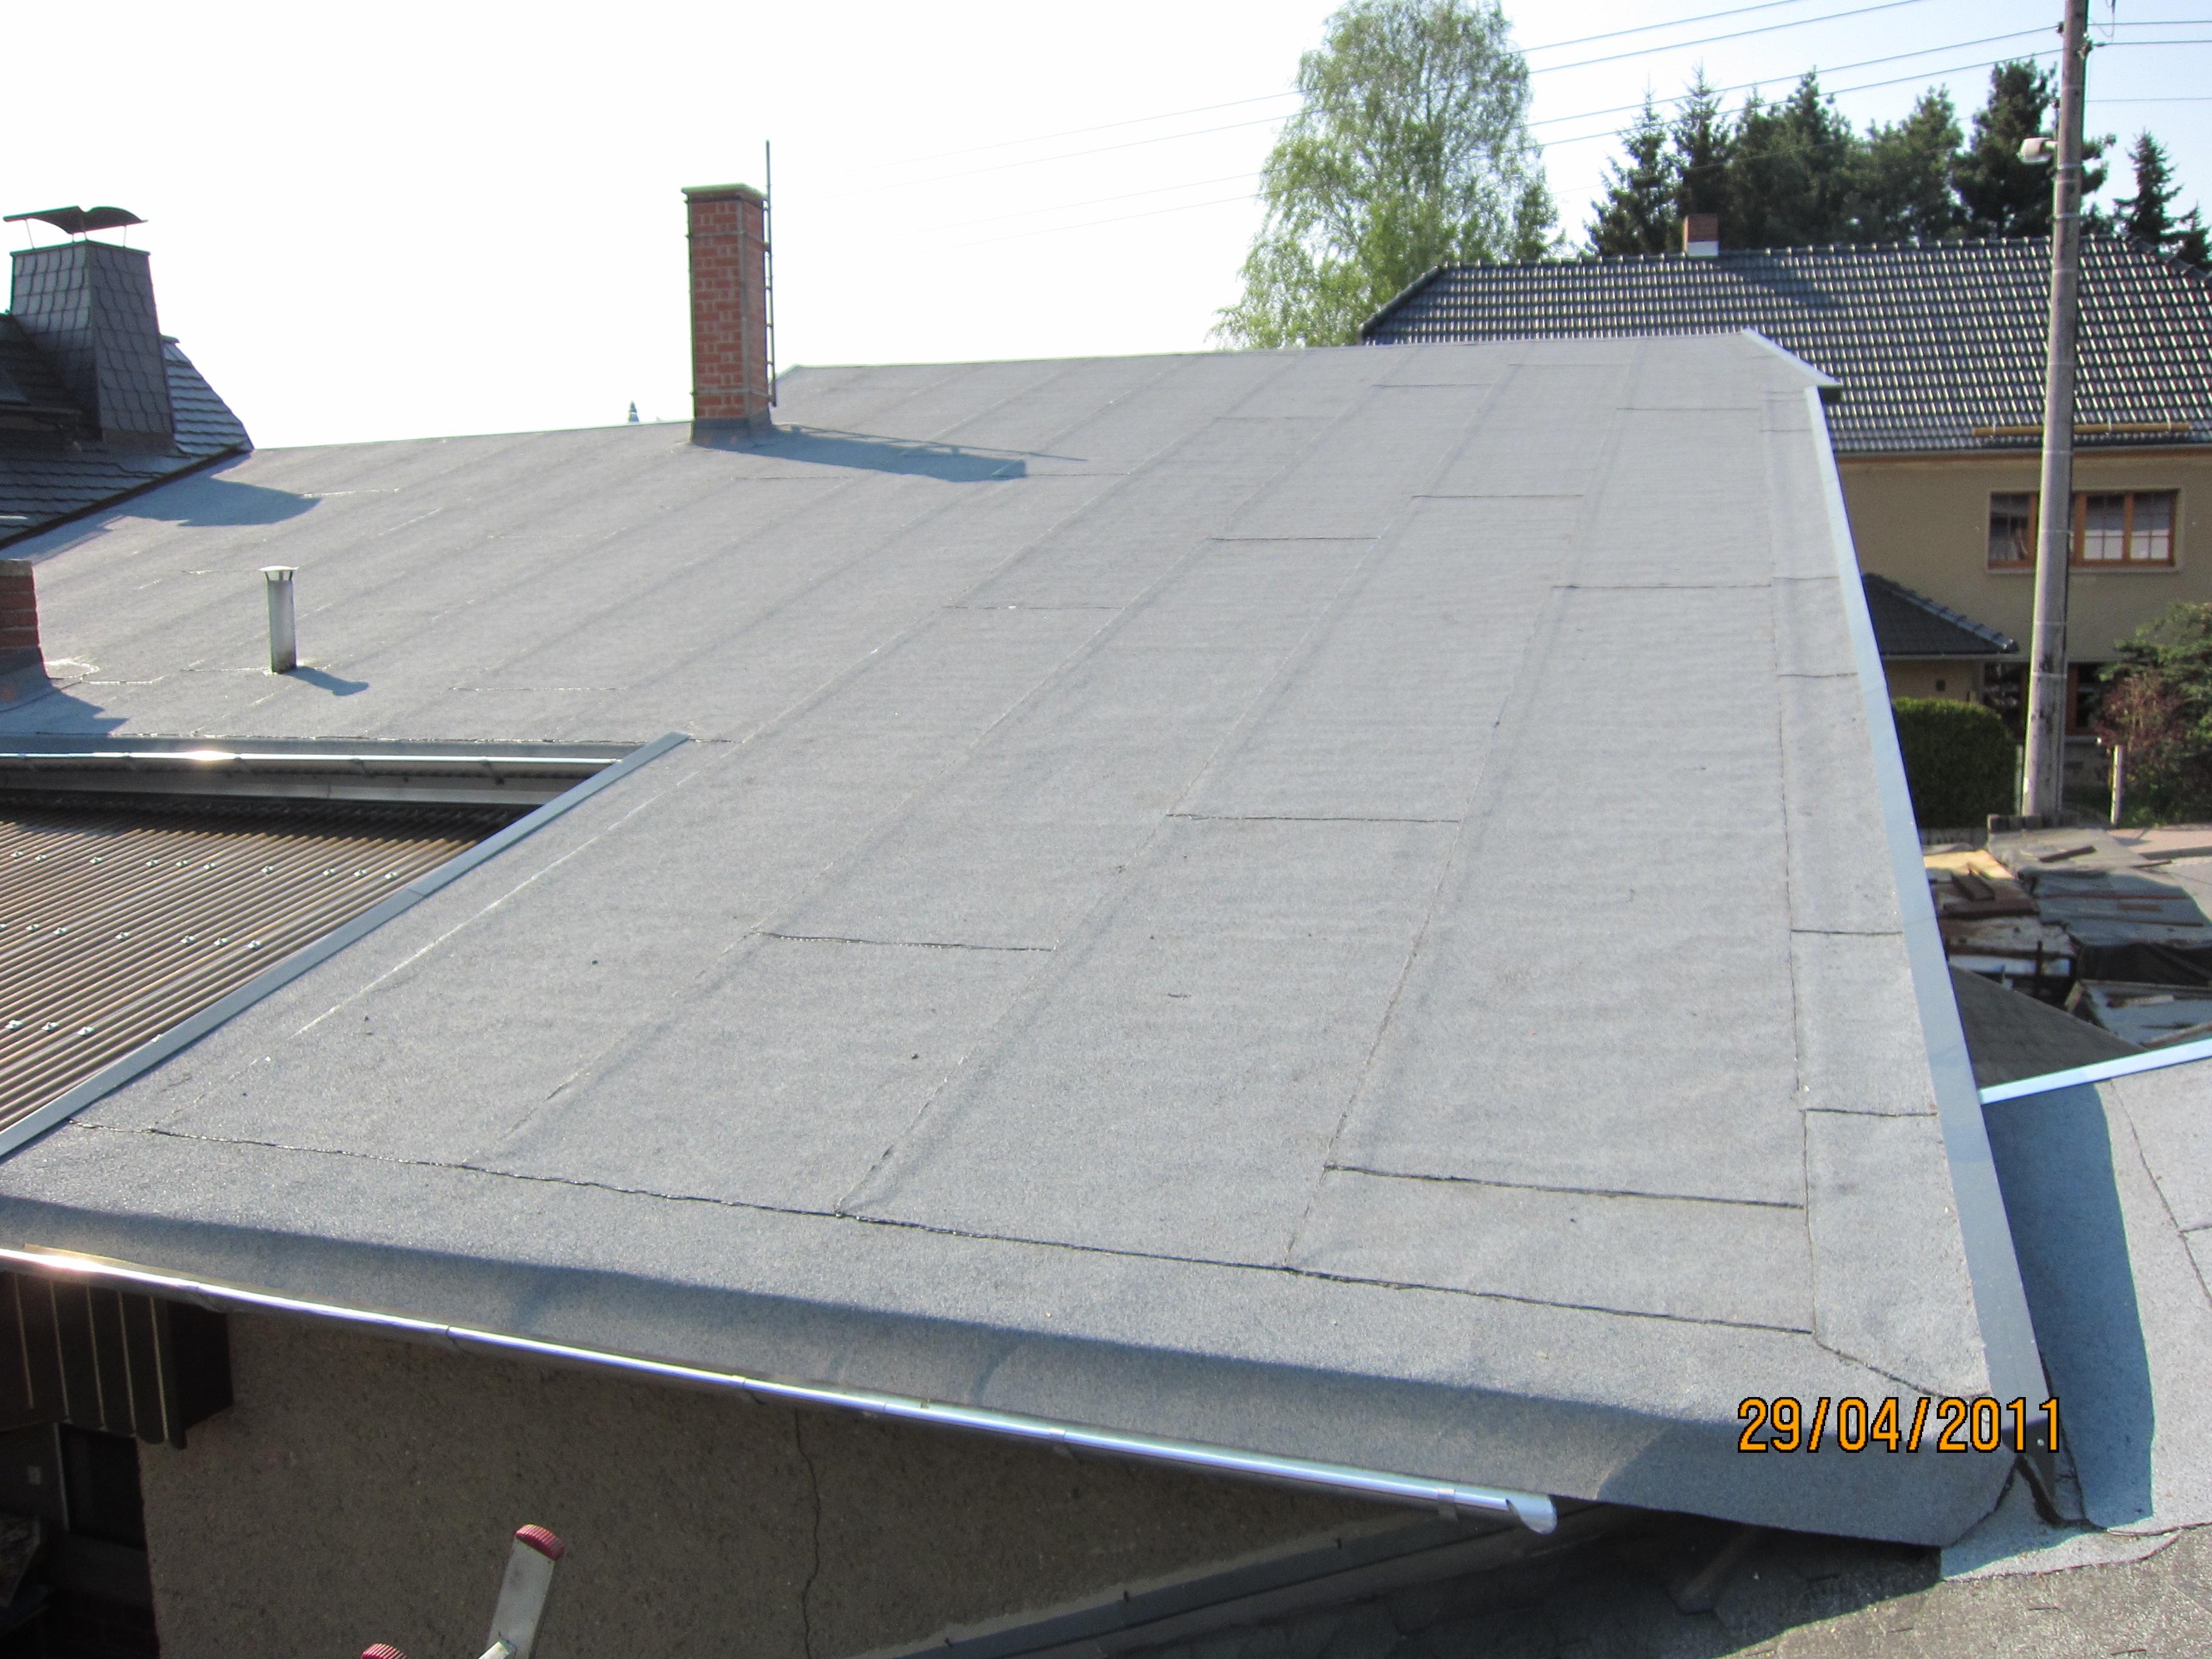 wenn 39 s ums dach geht dachdecker meister holger scheibe flachd cher mit bitumenbahnen. Black Bedroom Furniture Sets. Home Design Ideas